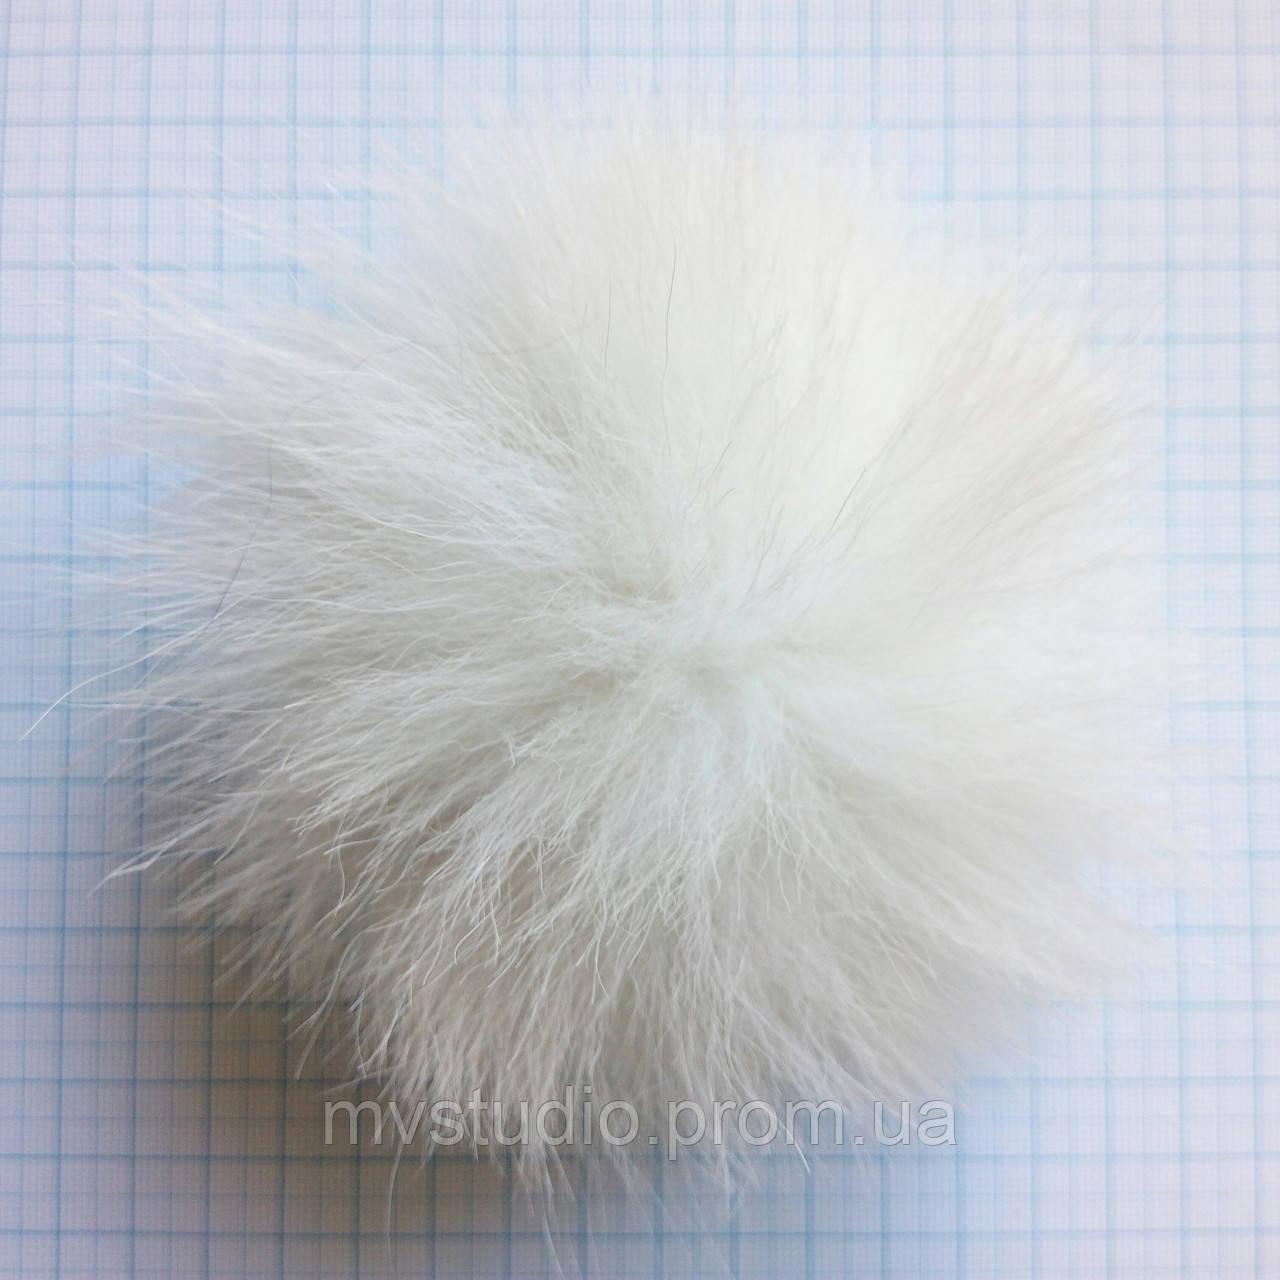 Помпон из натурального меха песца - 12 см